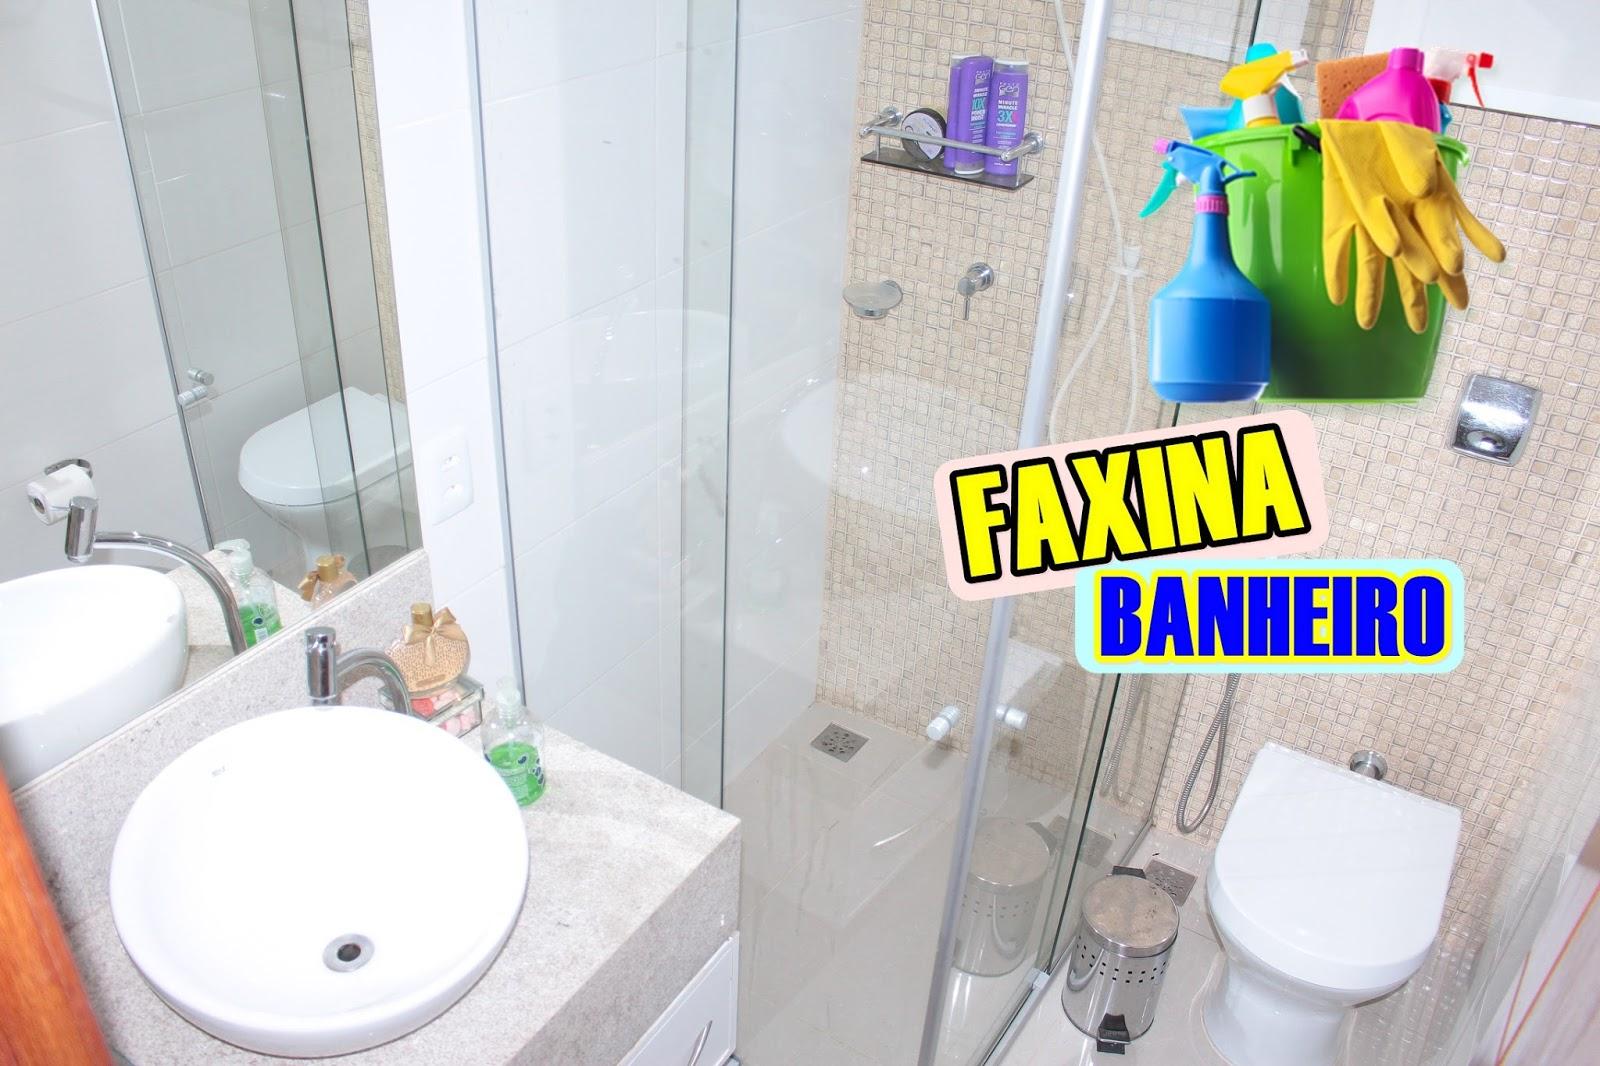 By Paloma Soaresㅤㅤㅤㅤㅤㅤㅤㅤ COMO LIMPAR BANHEIRO DE UMA FORMA RÁPIDA E EFICAZ  -> Como Limpar Pia De Banheiro De Fibra